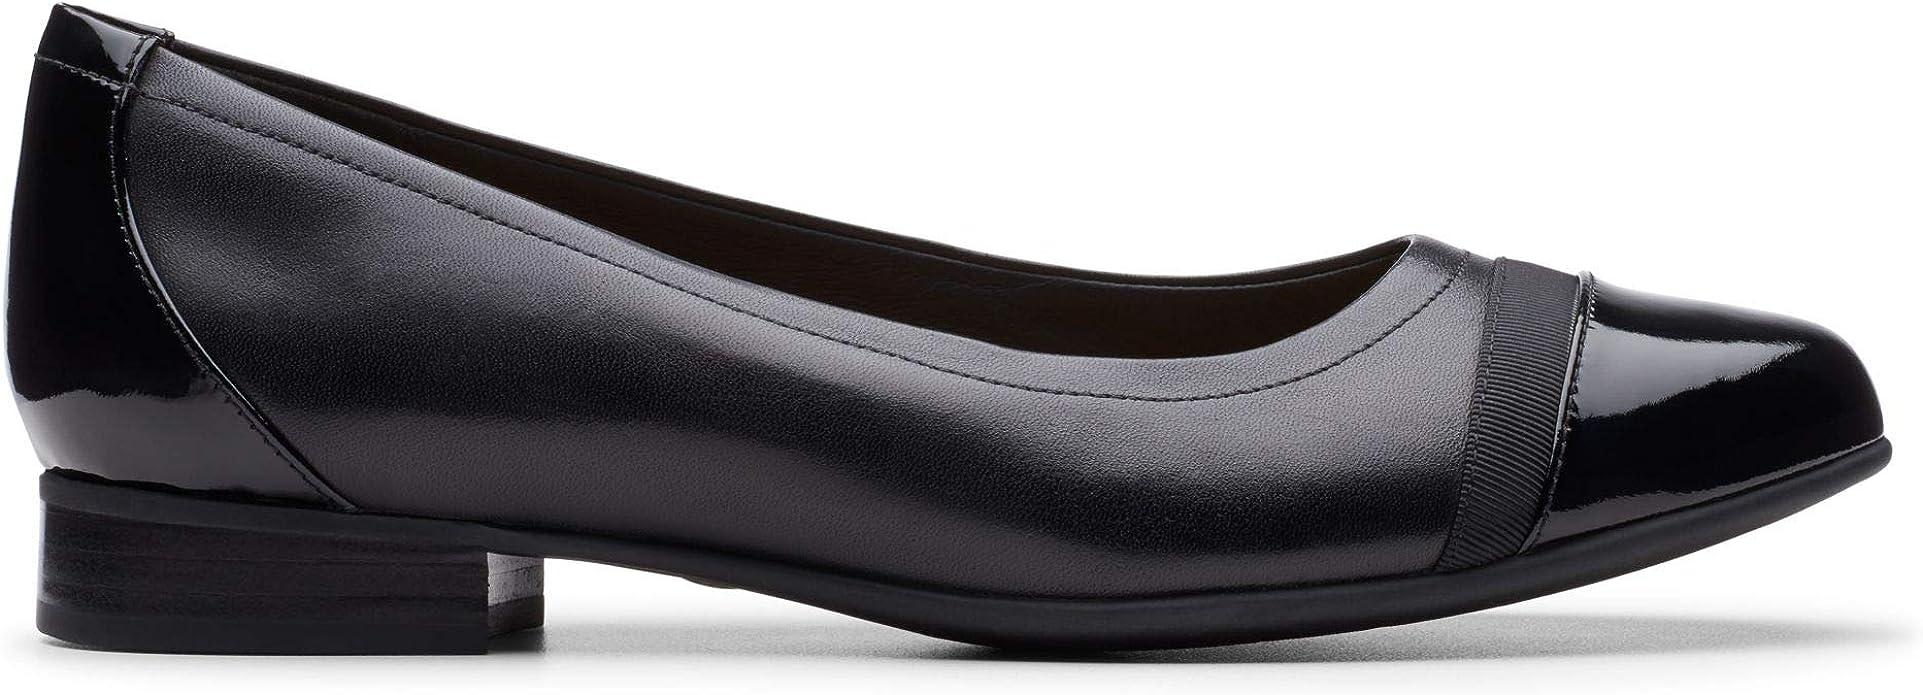 Clarks Un Blush Cap2 Flat Shoes Women